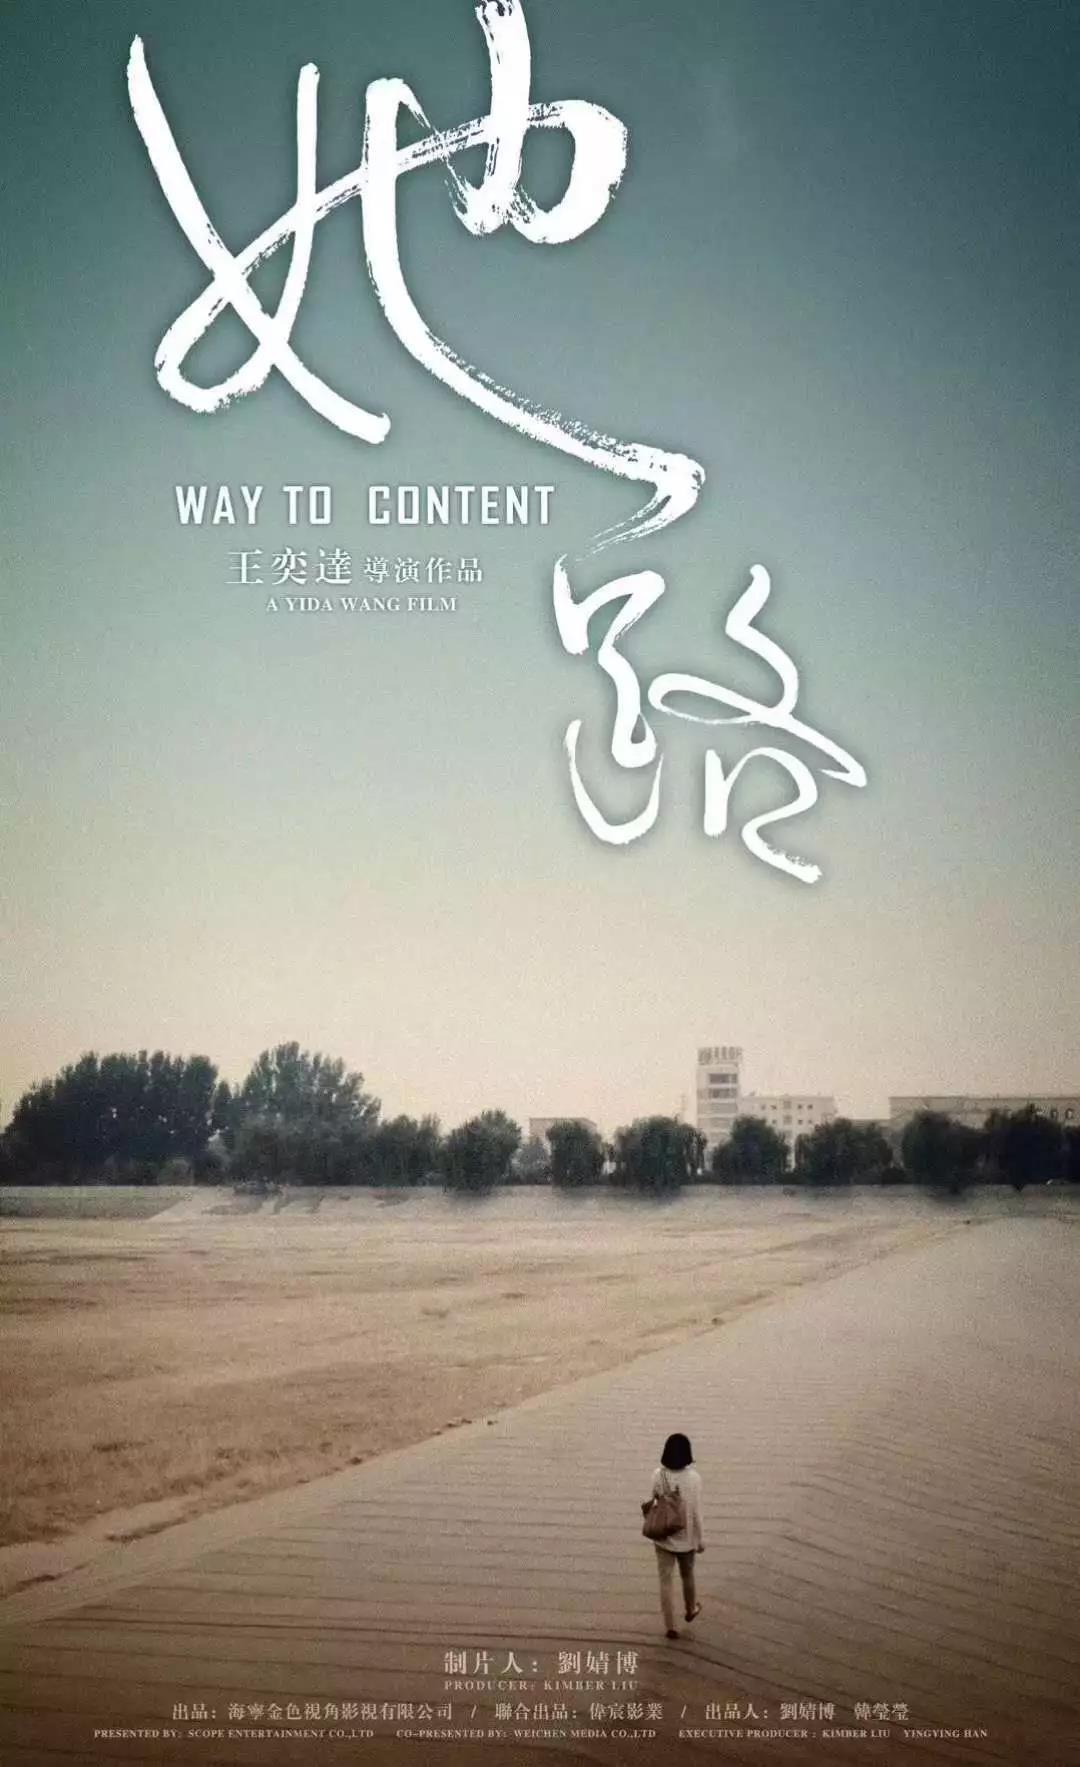 容艺学院第十一期制片人班刘婧博和韩莹莹邂逅戛纳电影节